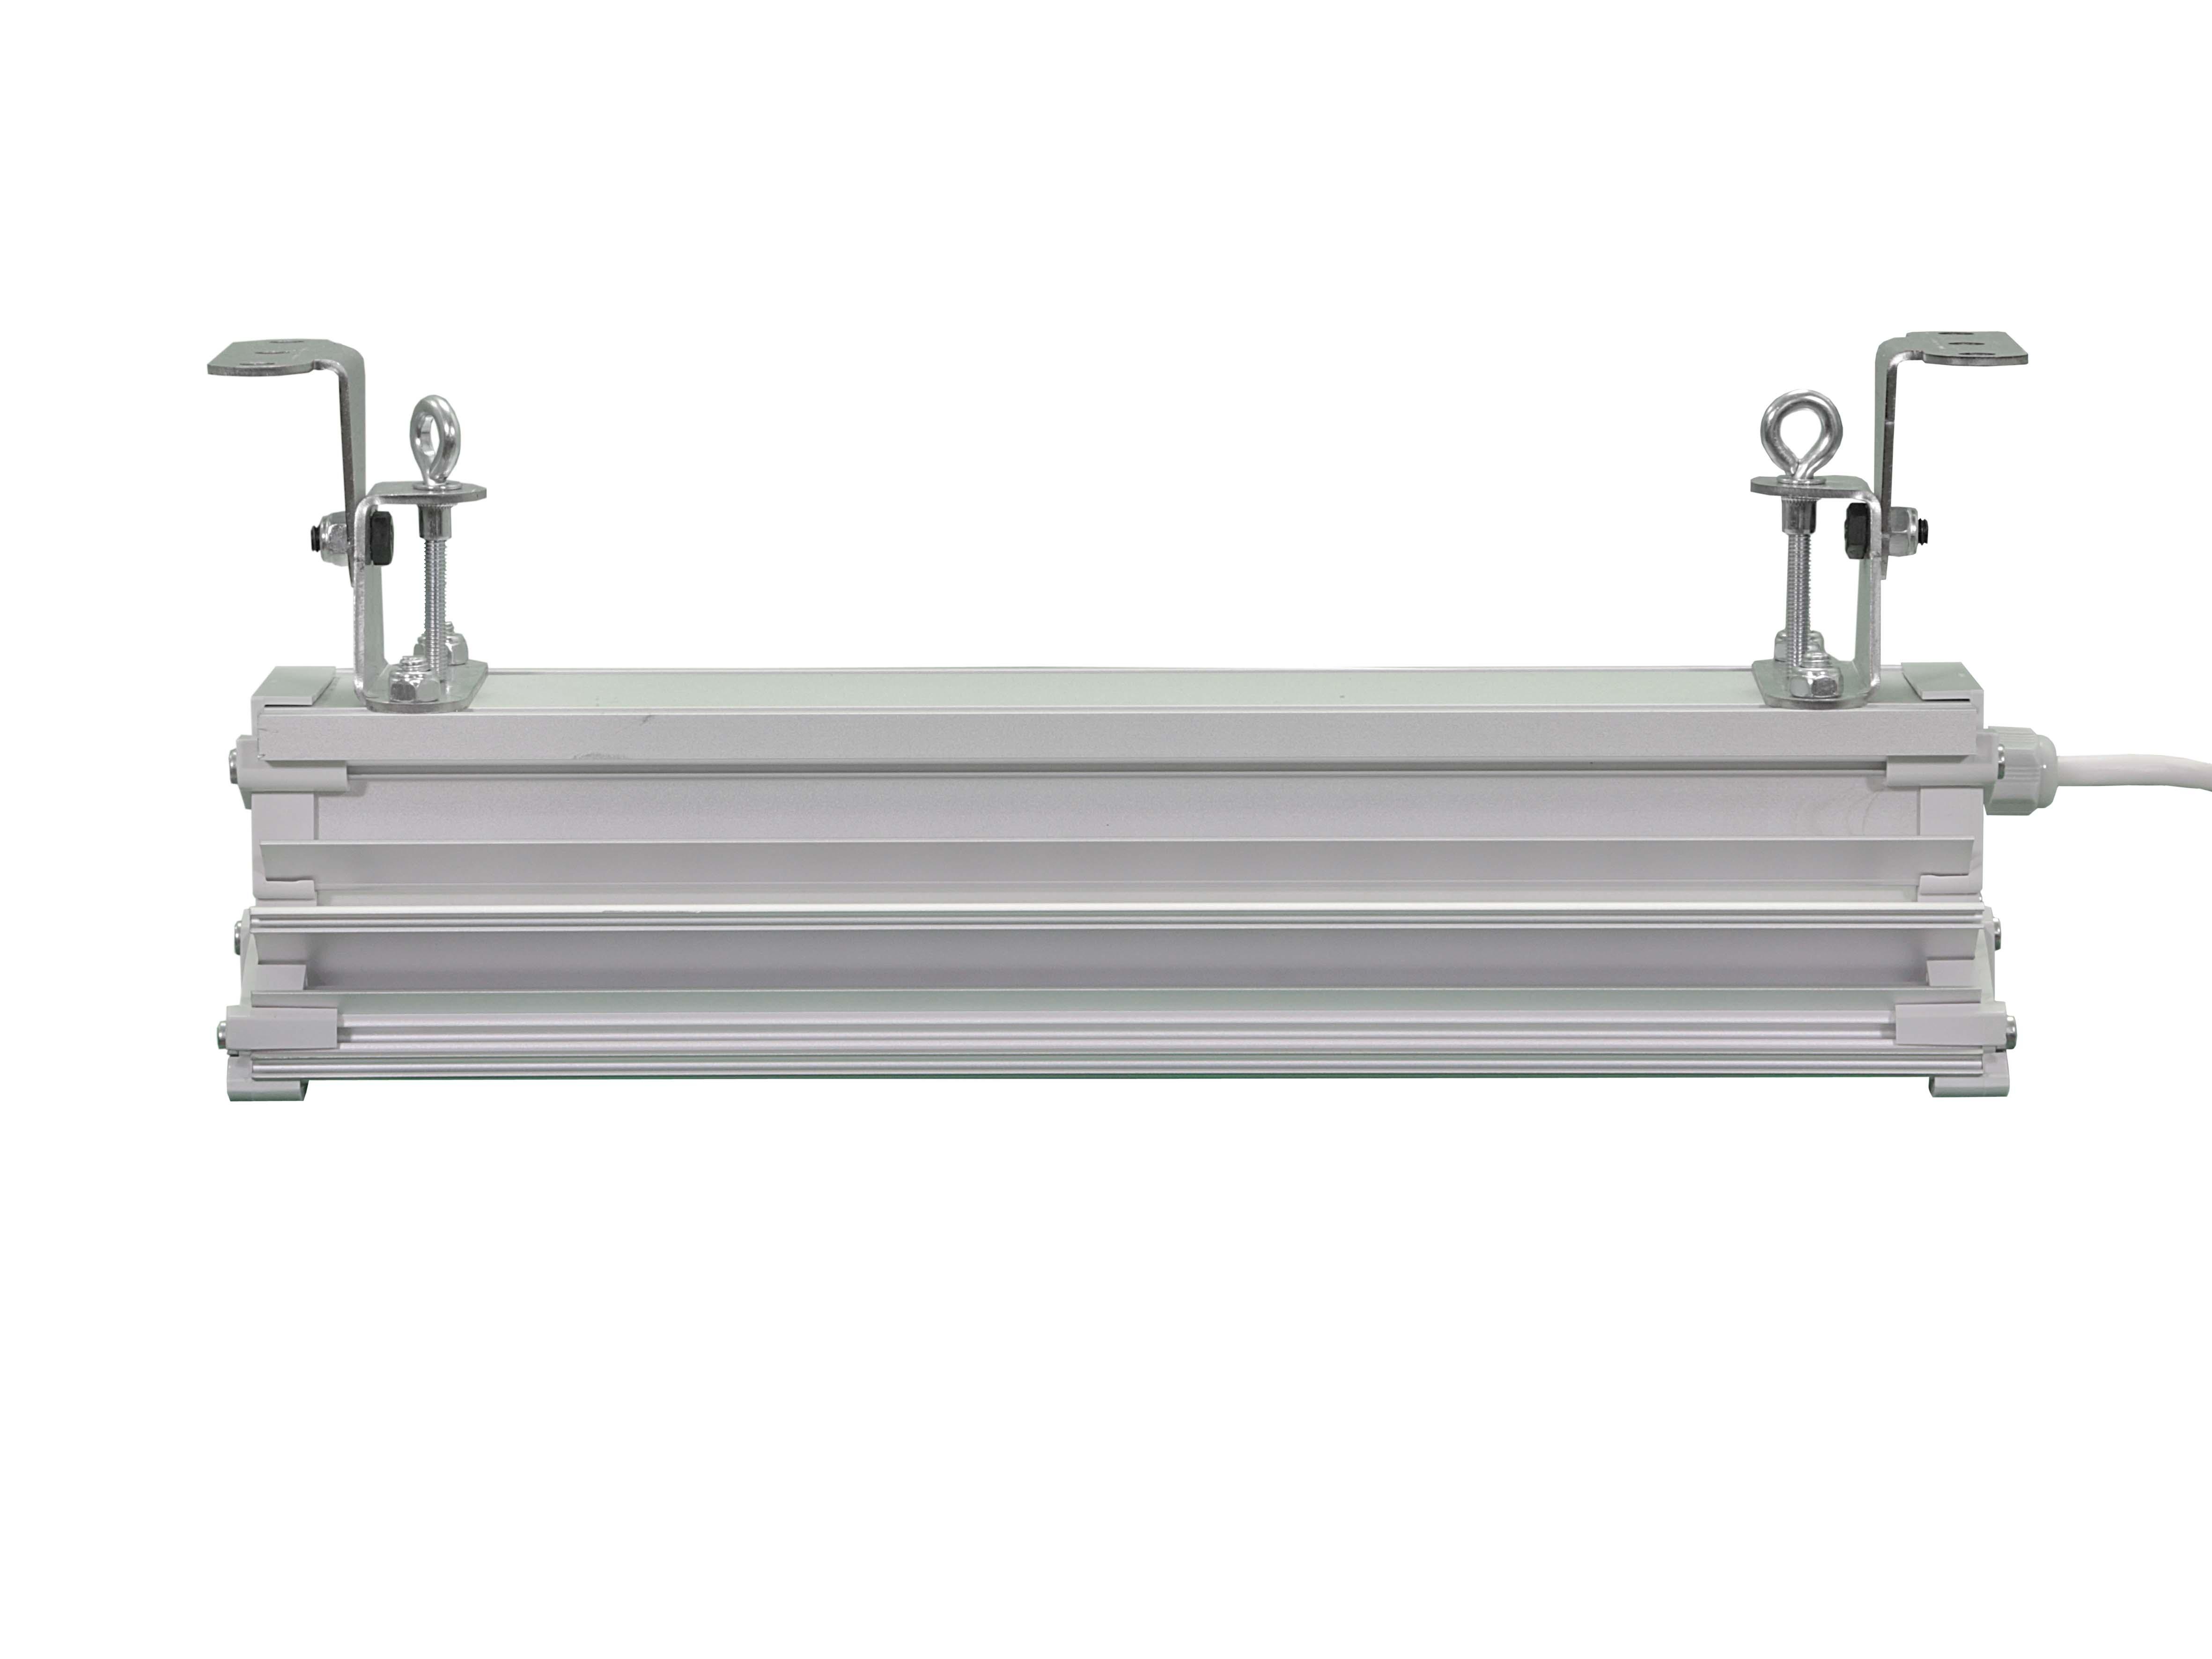 Промышленный светодиодный светильник Лайн-30 30Вт 3630Лм